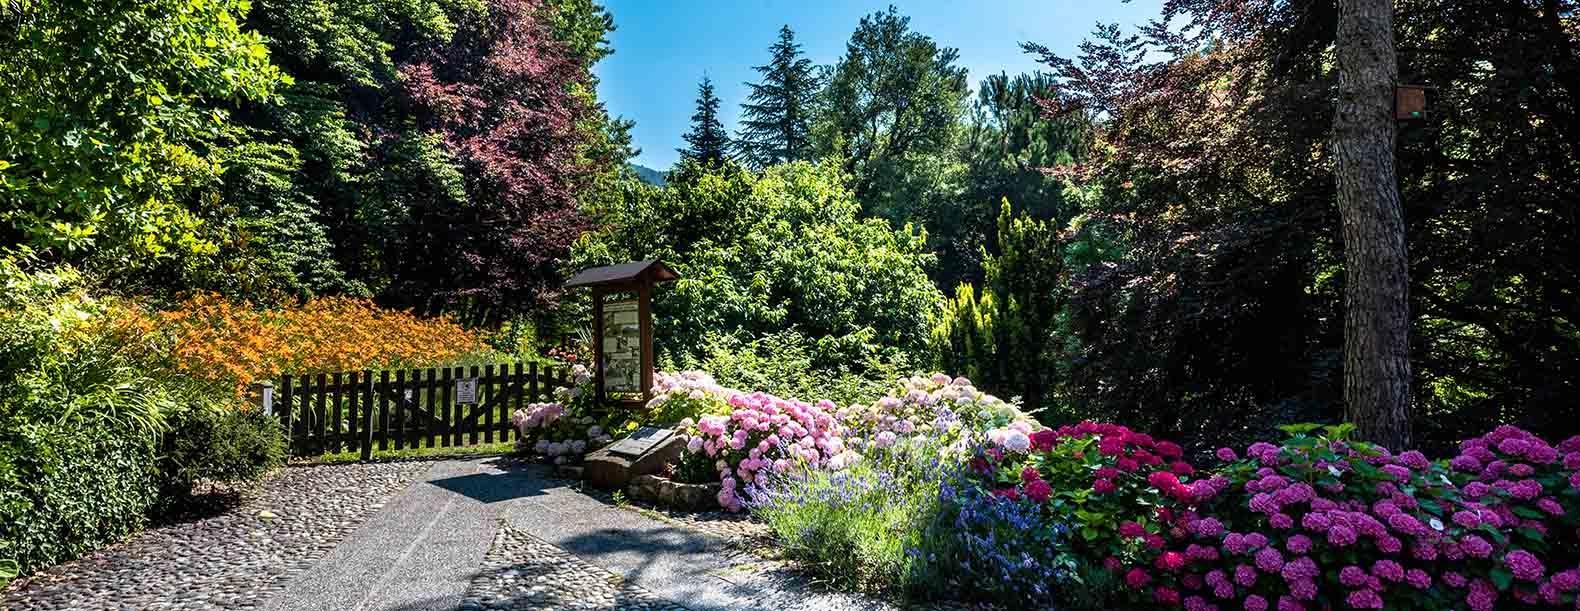 Azienda Agricola Valpredina • • Visit Bergamo